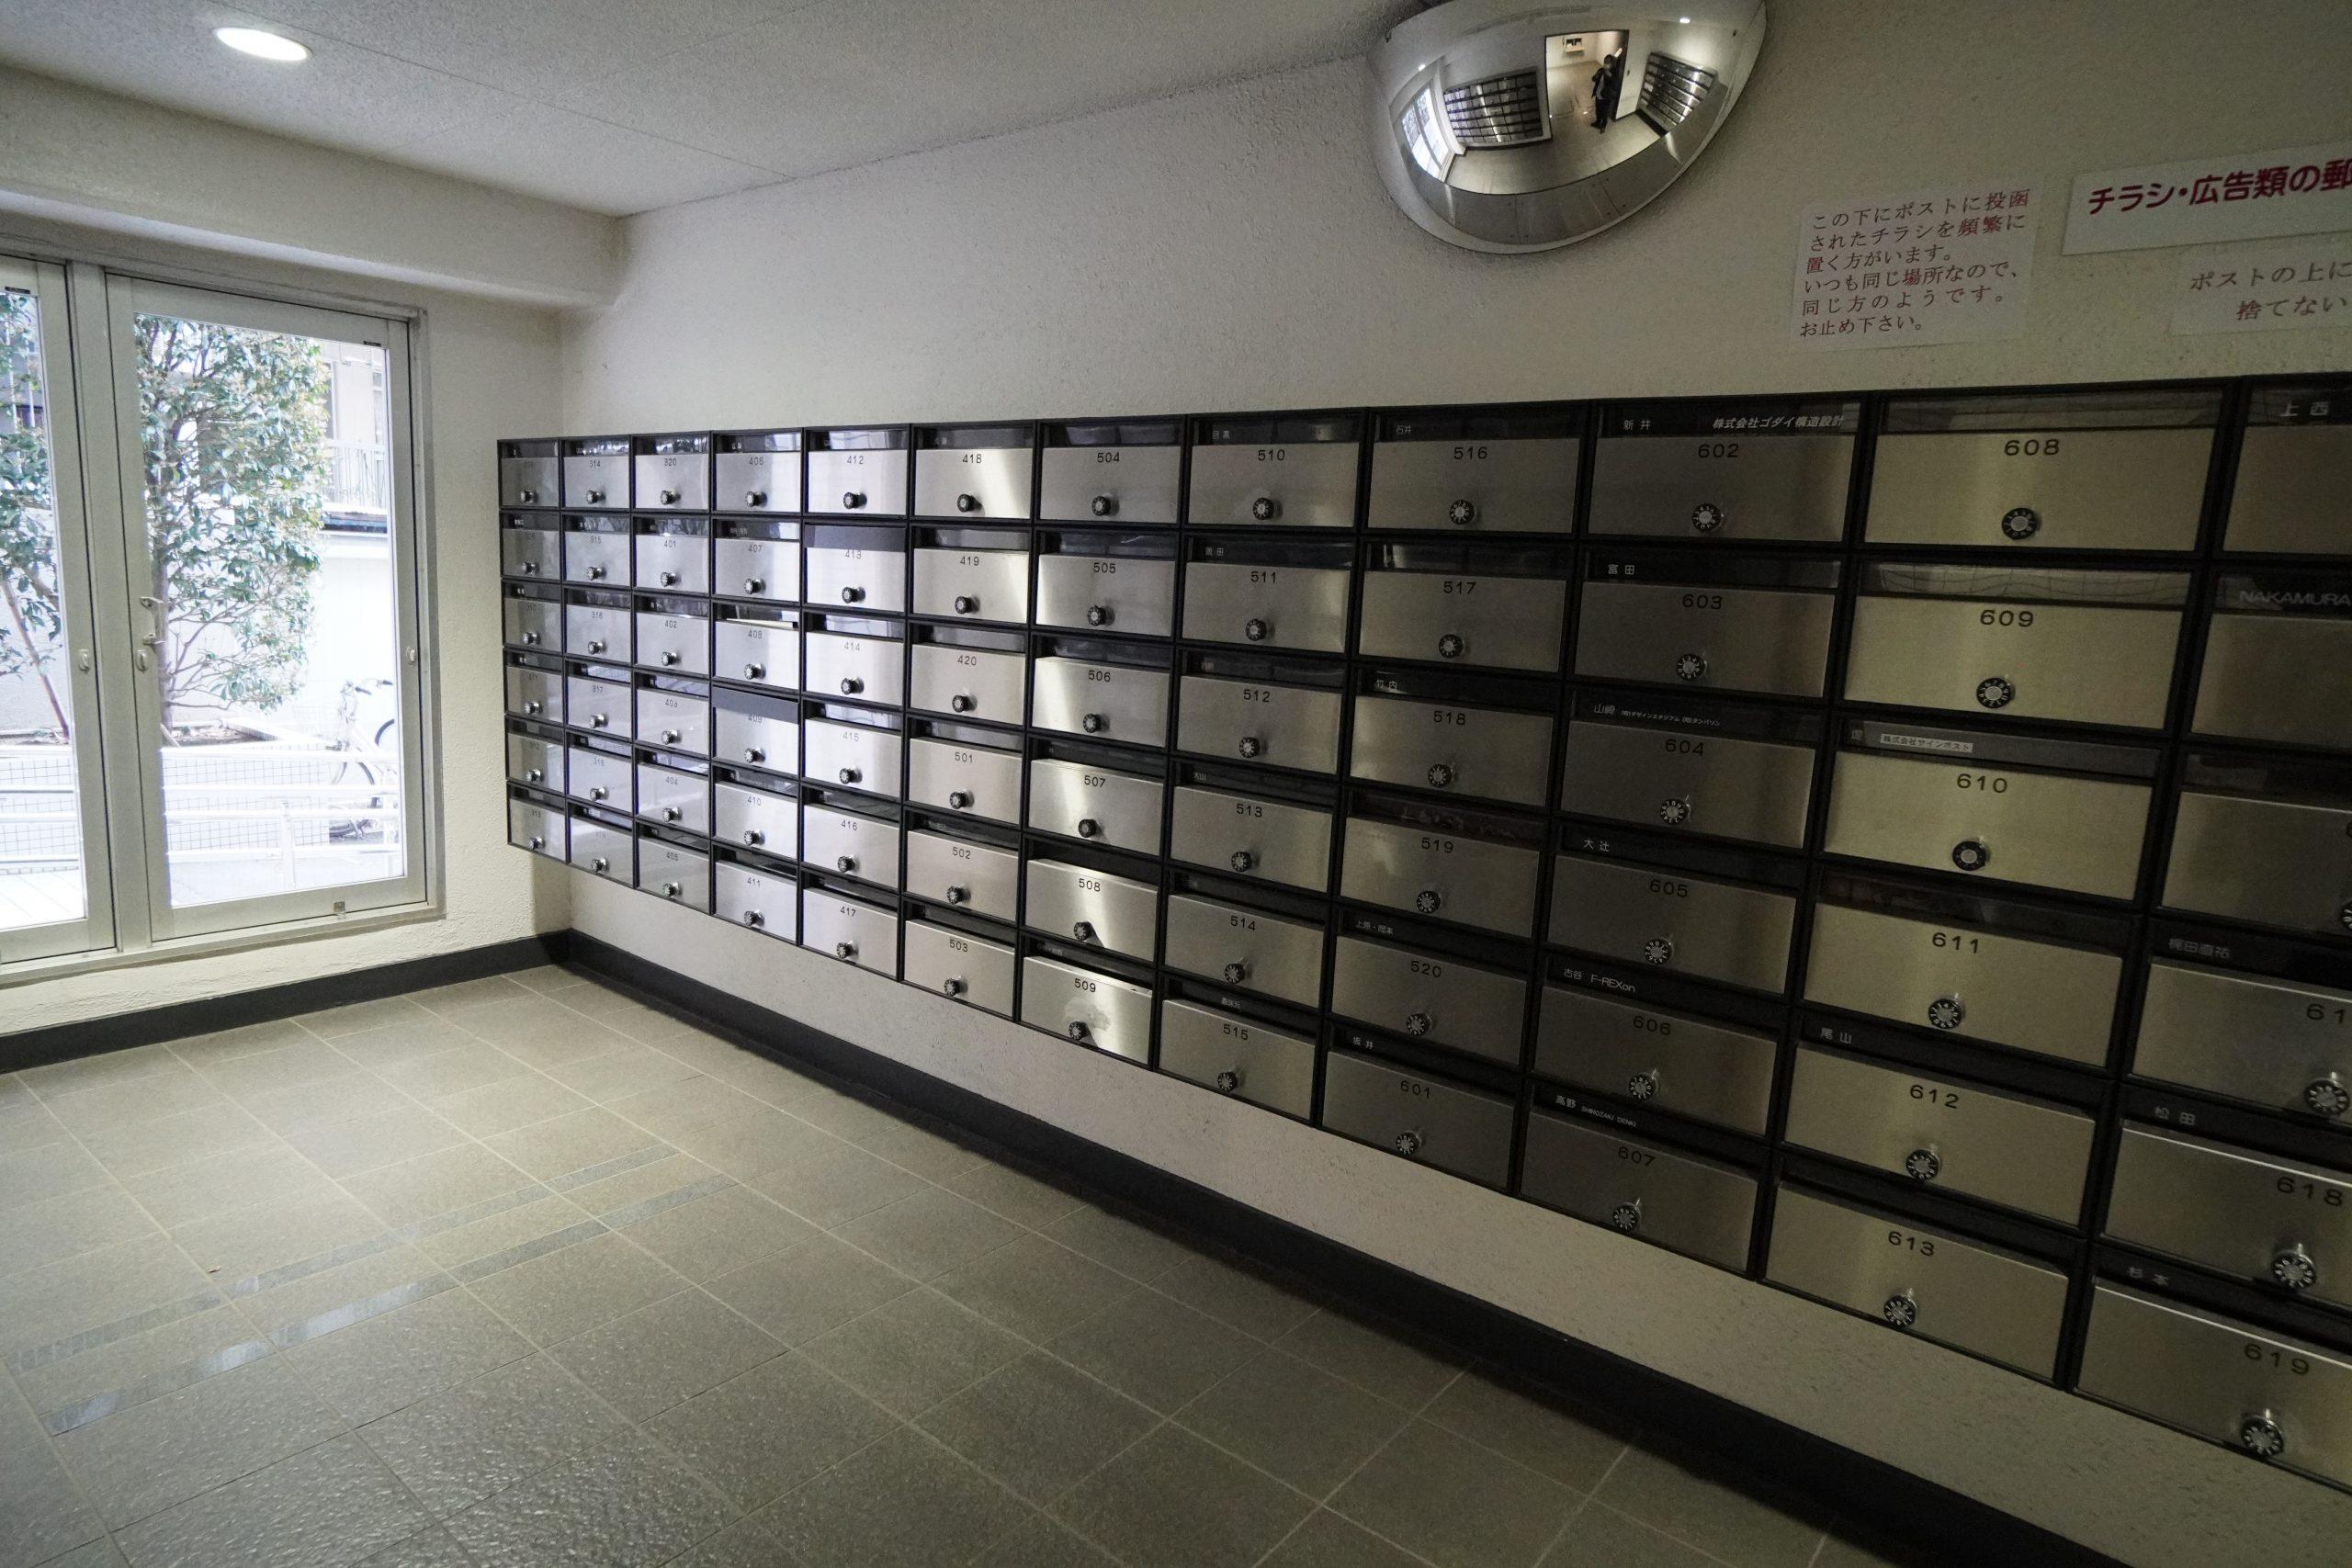 恵比寿スカイハイツ 413号室の写真13